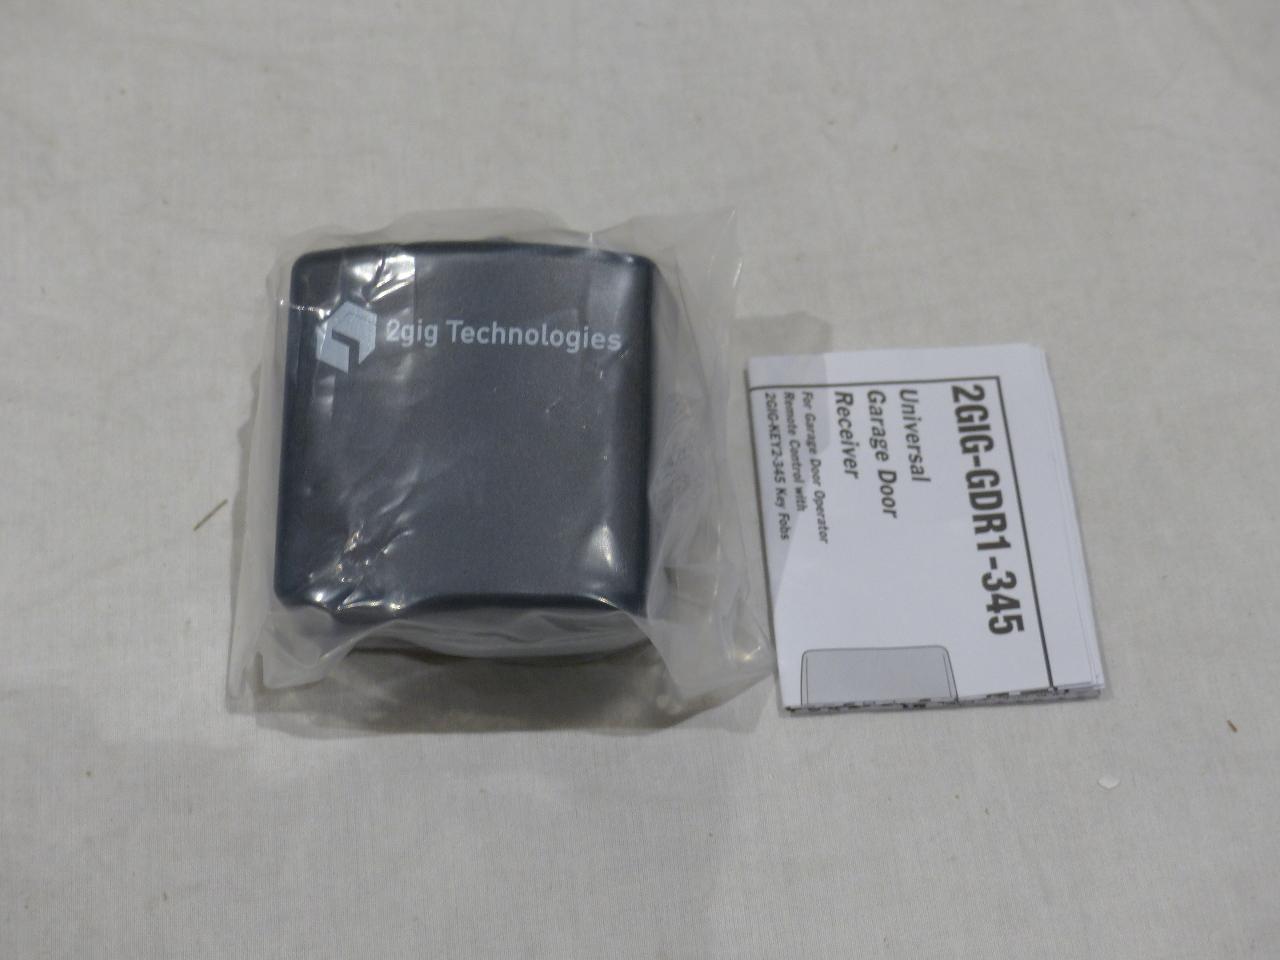 garage door receiver2GIG TECHNOLOGIES UNIVERSAL GARAGE DOOR RECEIVER 2GIGGDR1345